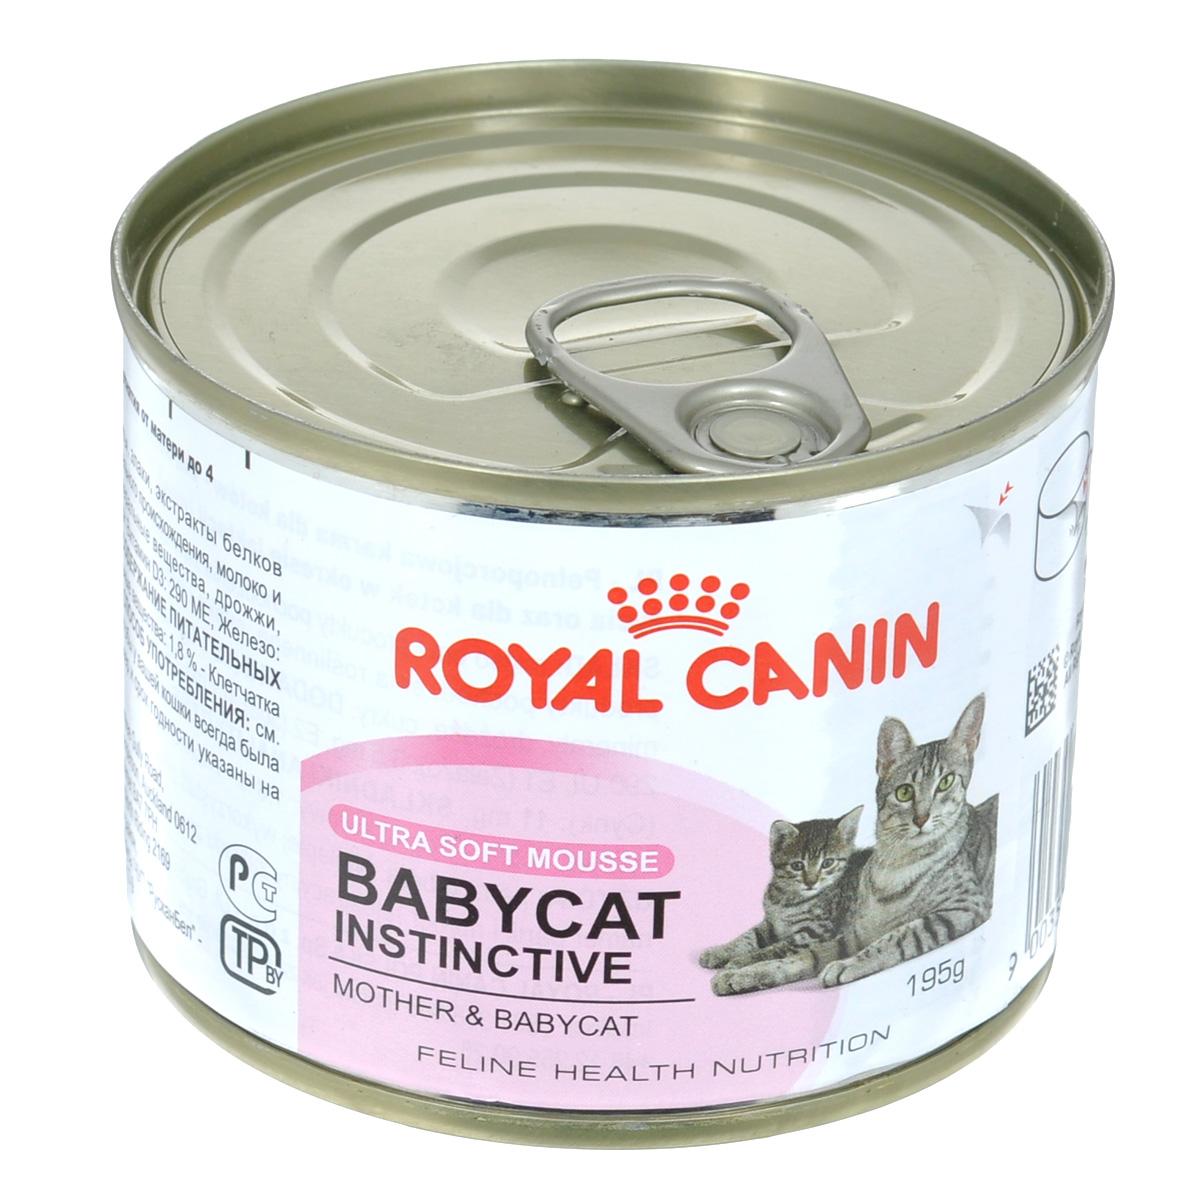 Консервы Royal Canin Babycat Instinctive, для котят с рождения до 4 месяцев, паштет, 195 г480002Консервы Royal Canin Babycat Instinctive - полноценное сбалансированное питание для котят с рождения до 4 месяцев. Принципиально важный период в жизни котенка: - Переход от материнского молока к твердой пище должен проводиться осторожно, чтобы избежать расстройства пищеварения. - У котят прорезаются молочные зубы и начинают развиваться жизненно важные функции организма.- Котята предпочитают особую формулу Macro Nutritional Profile. - С 4 до 12 недель иммунитет котенка, полученный с молоком матери, постепенно ослабевает, и начинает развиваться собственная иммунная система.1-я фаза роста: легкий старт.Уникальная текстура мусса Babycat Instinctive, идеально адаптированная для котят 1-й фазы роста, облегчает переход от материнского молока к твердой пище. Инстинктивное предпочтение.Корм Babycat Instinctive имеет особый состав, соответствующий оптимальной формуле Macro Nutritional Profile, инстинктивно предпочитаемой котятами 1-й фазы роста (и кормящими кошками).Естественная защита.Корм помогает формированию естественной защиты организма котенка, стимулируя выработку антител благодаря маннановым олигосахаридам и антиоксидантному комплексу (витаминам E и C, таурину и лютеину).Состав: мясо и мясные субпродукты, злаки, экстракты белков растительного происхождения, субпродукты растительного происхождения, молоко и продукты его переработки, масла и жиры, минеральные вещества, дрожжи, углеводы. Добавки (в 1 кг): Питательные добавки: Витамин D3: 290 ME, Железо: 3,5 мг, Йод: 0,1 мг, Марганец: 1,1 мг, Цинк: 11 мг.Товар сертифицирован.Уважаемые клиенты! Обращаем ваше внимание на то, что упаковка может иметь несколько видов дизайна. Поставка осуществляется в зависимости от наличия на складе.